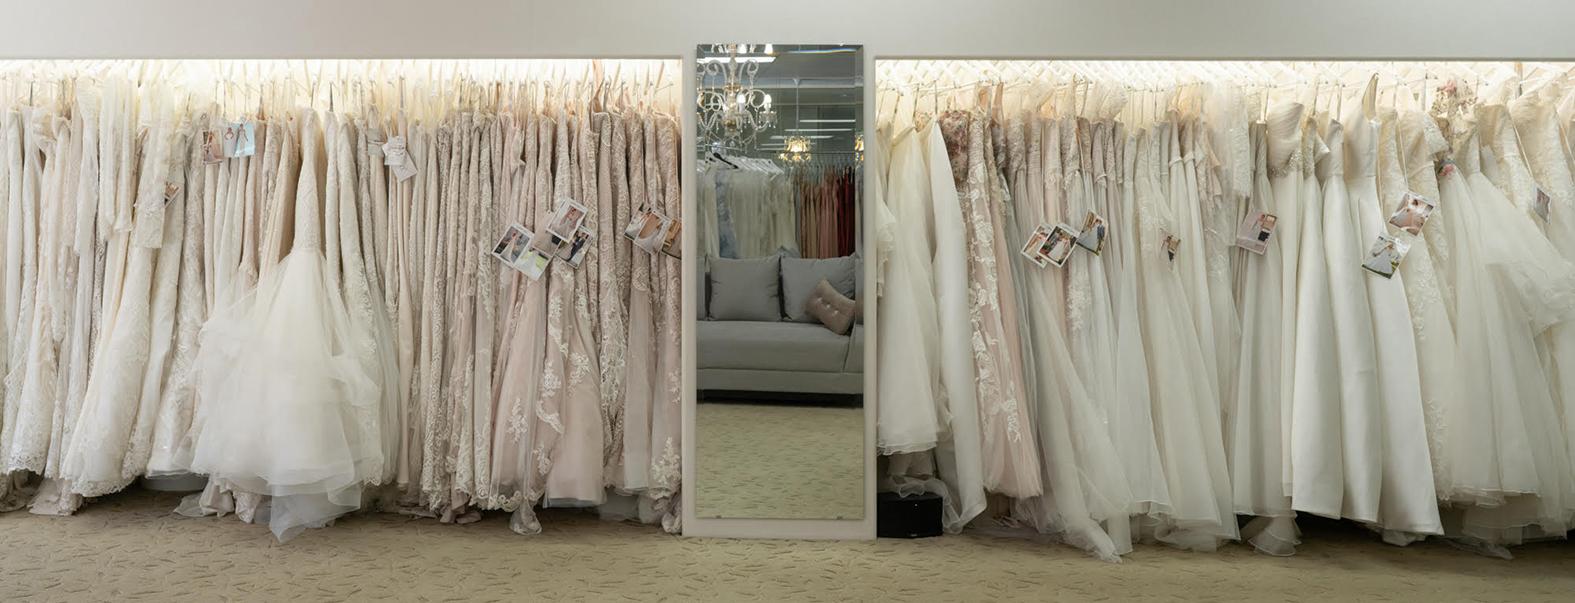 I Do I Do Wedding Gowns: Inspirational Ideas For The Perfect 'I Do'